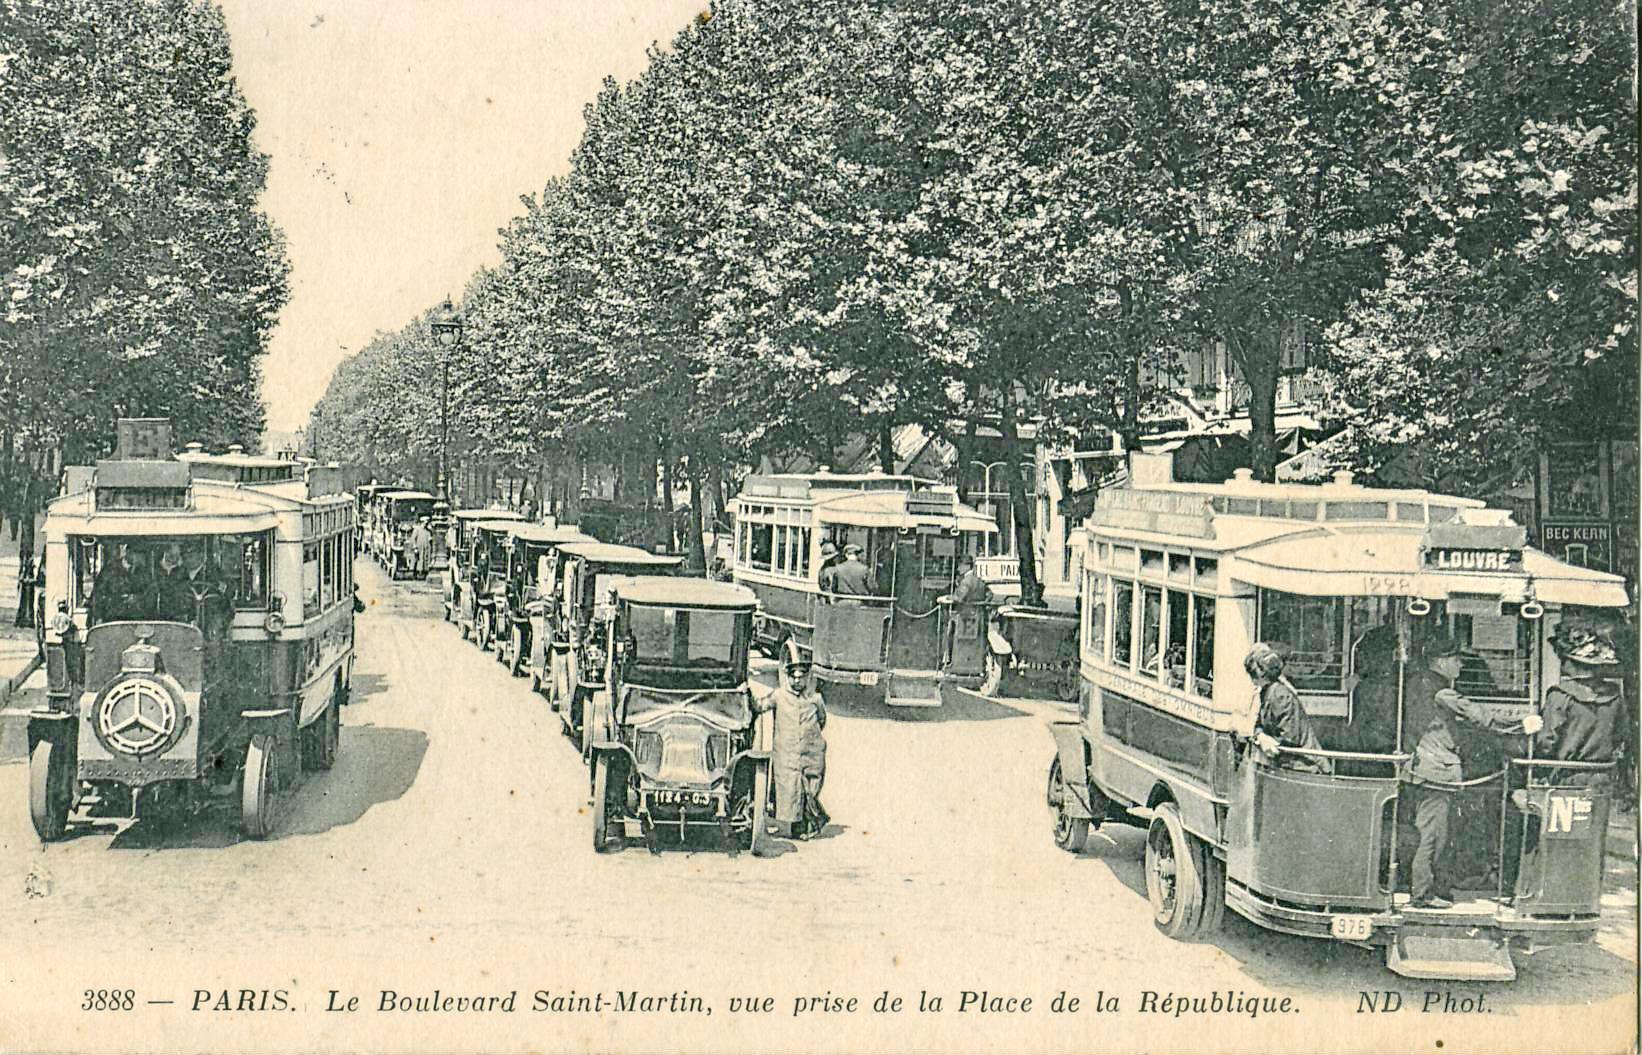 ND_3888_-_PARIS_-_Le_Boulevard_Saint-Martin%2C_vue_prise_de_la_Place_de_la_R%C3%A9publique.JPG